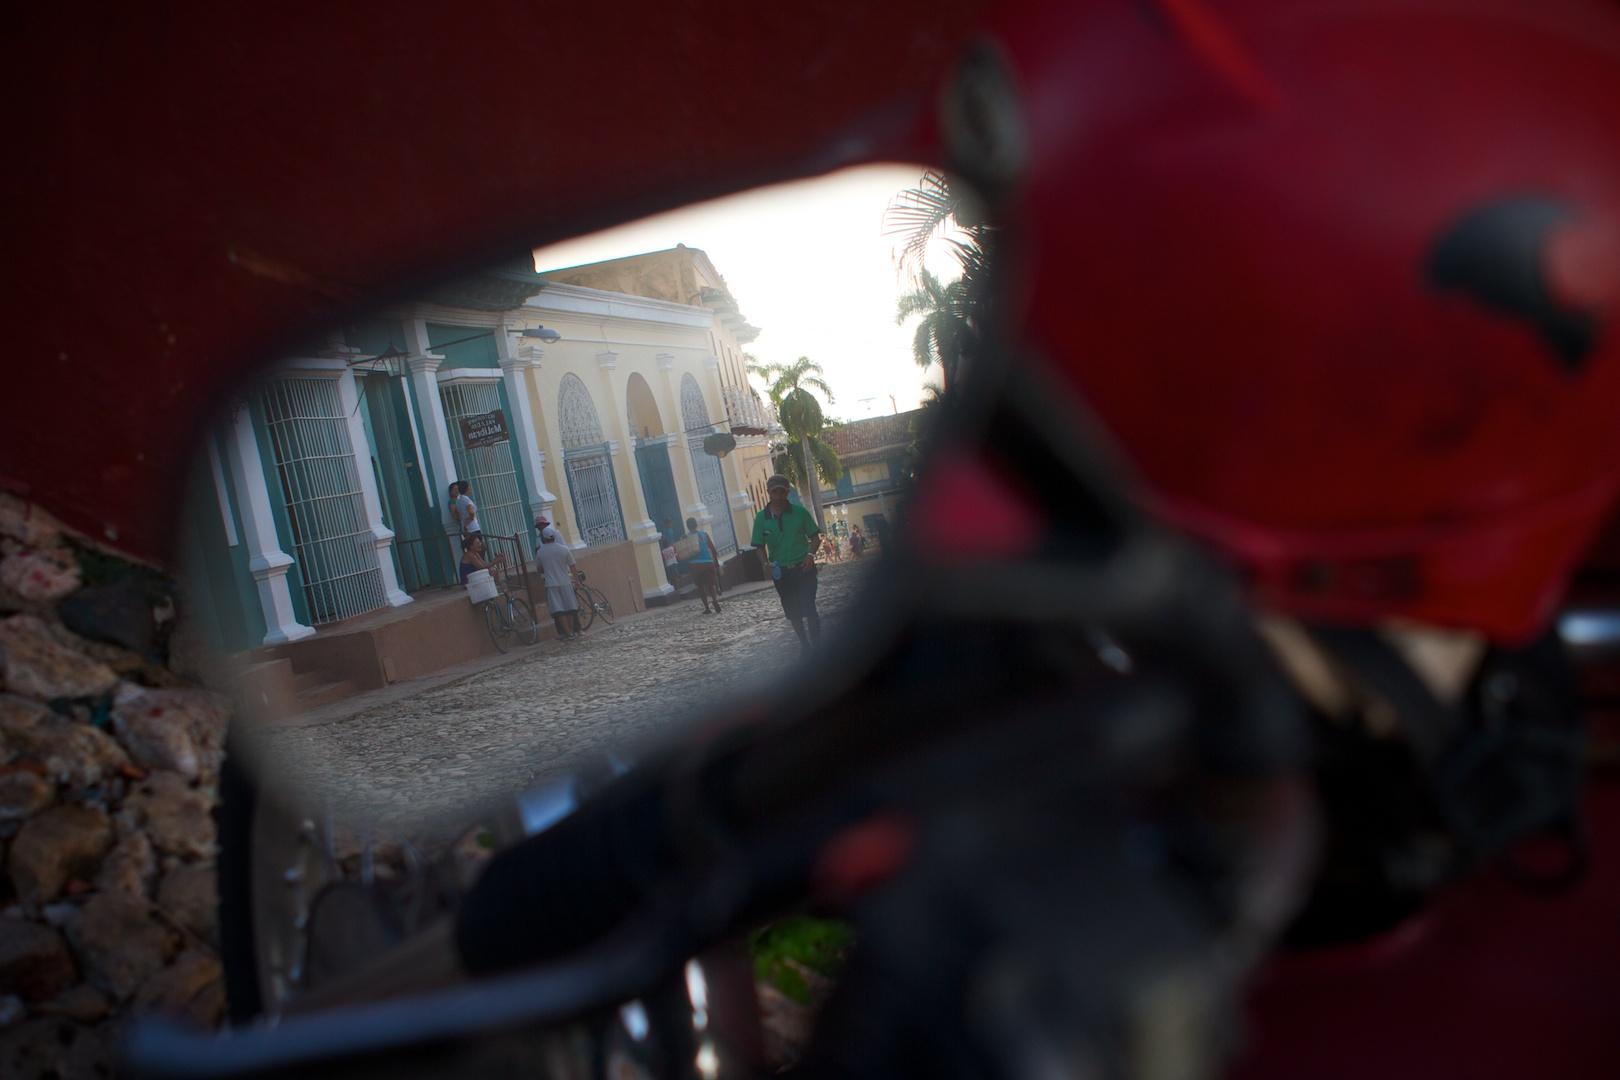 Cuba_20151130 153.jpg